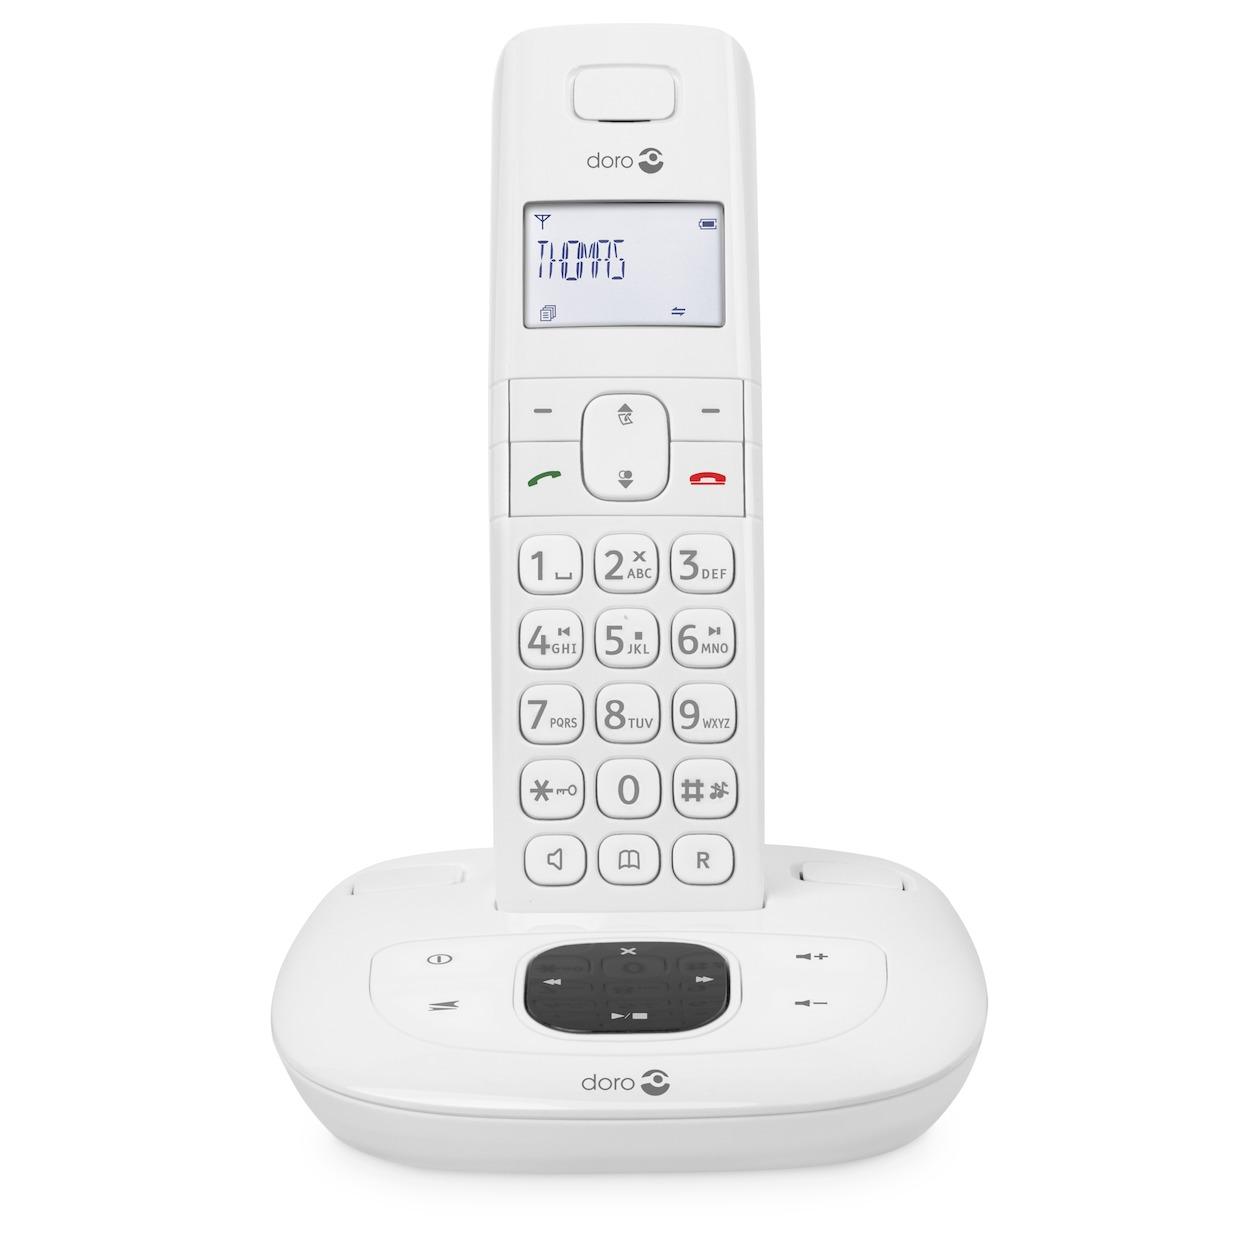 Doro dect telefoon Comfort 1015 wit